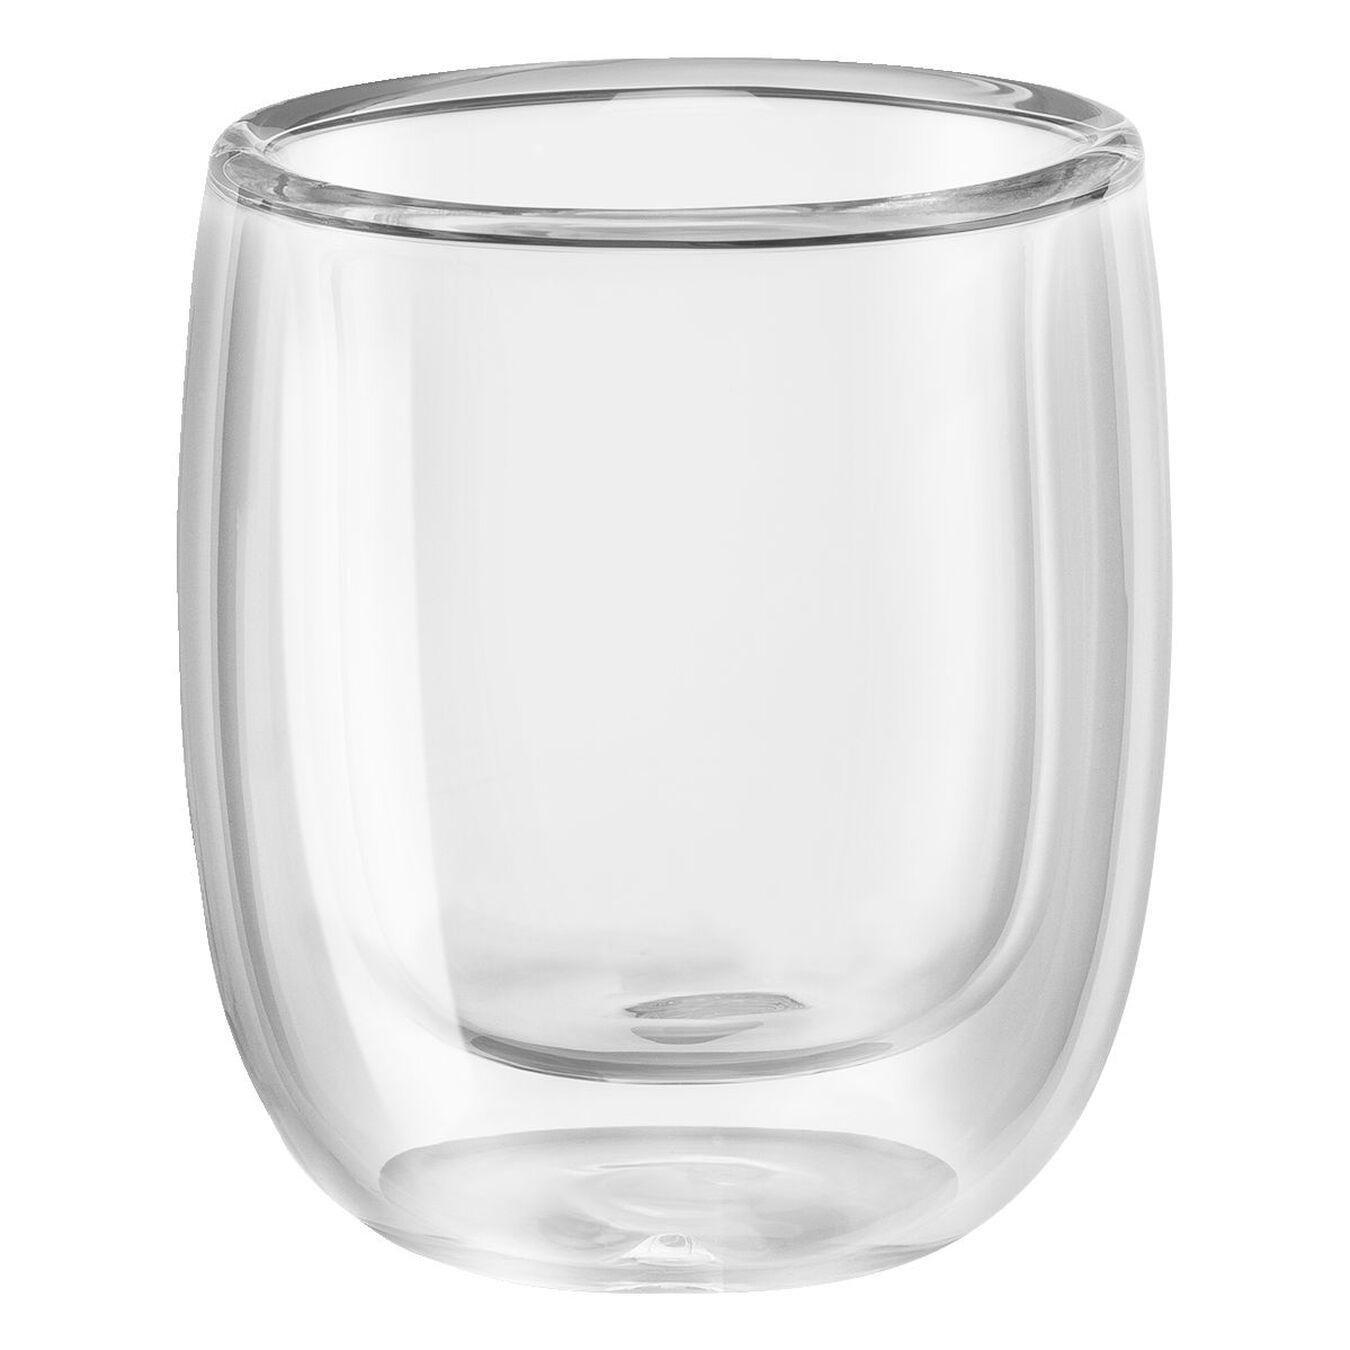 2-pcs Service de verres à expresso,,large 5